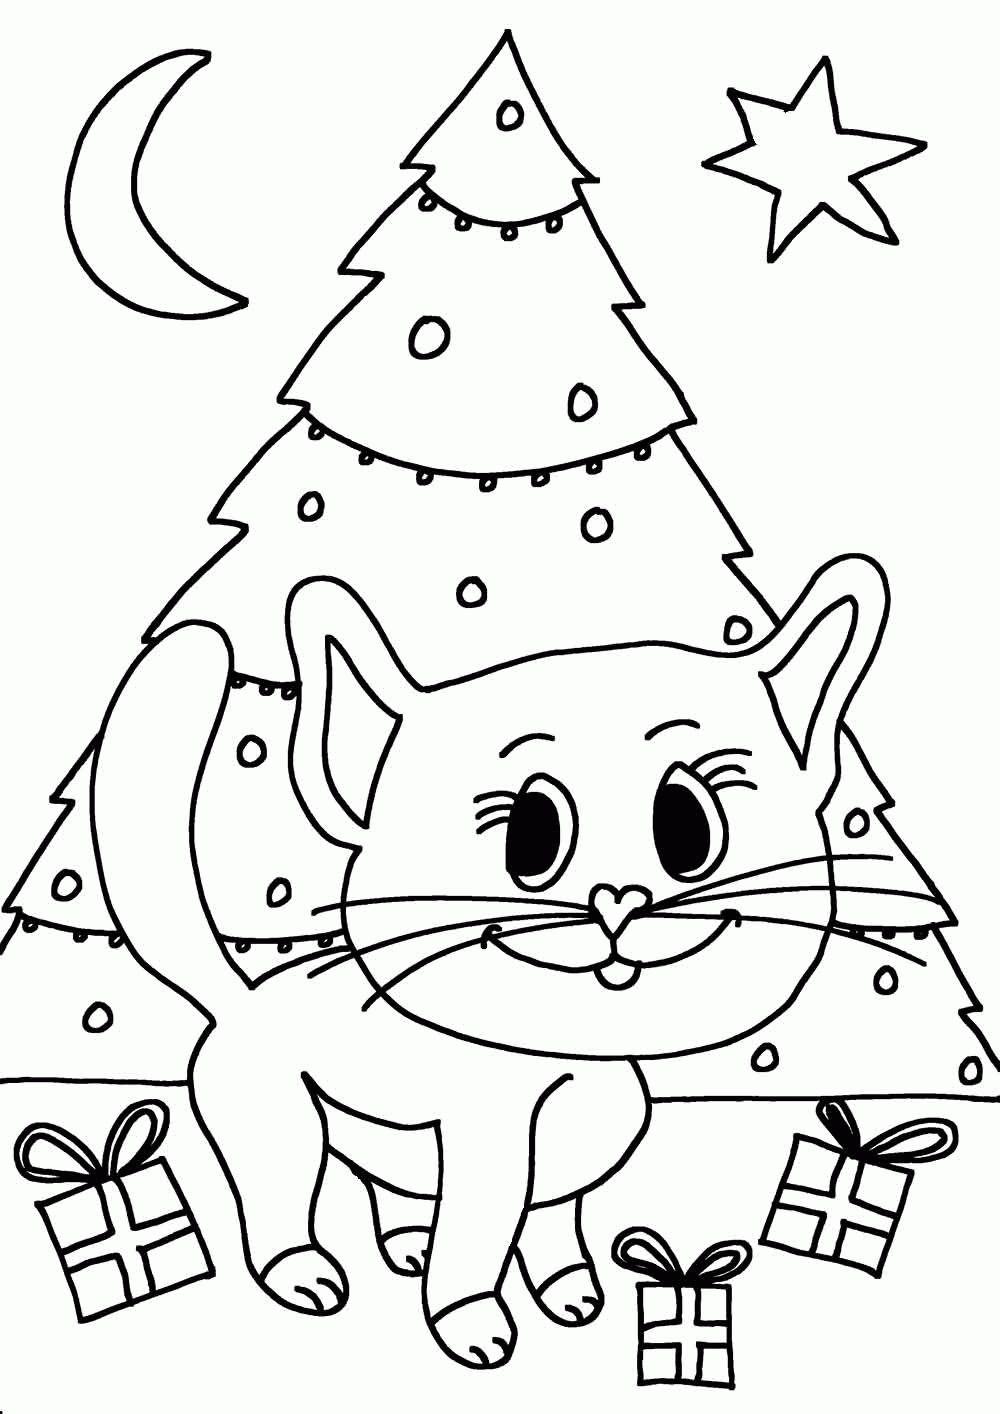 Kleurplaten Kerstman Met Kerstboom.Kleurplaat Poes Kerst Ik Wil Een Poes Nl Idee Kleurplaten Kerstman